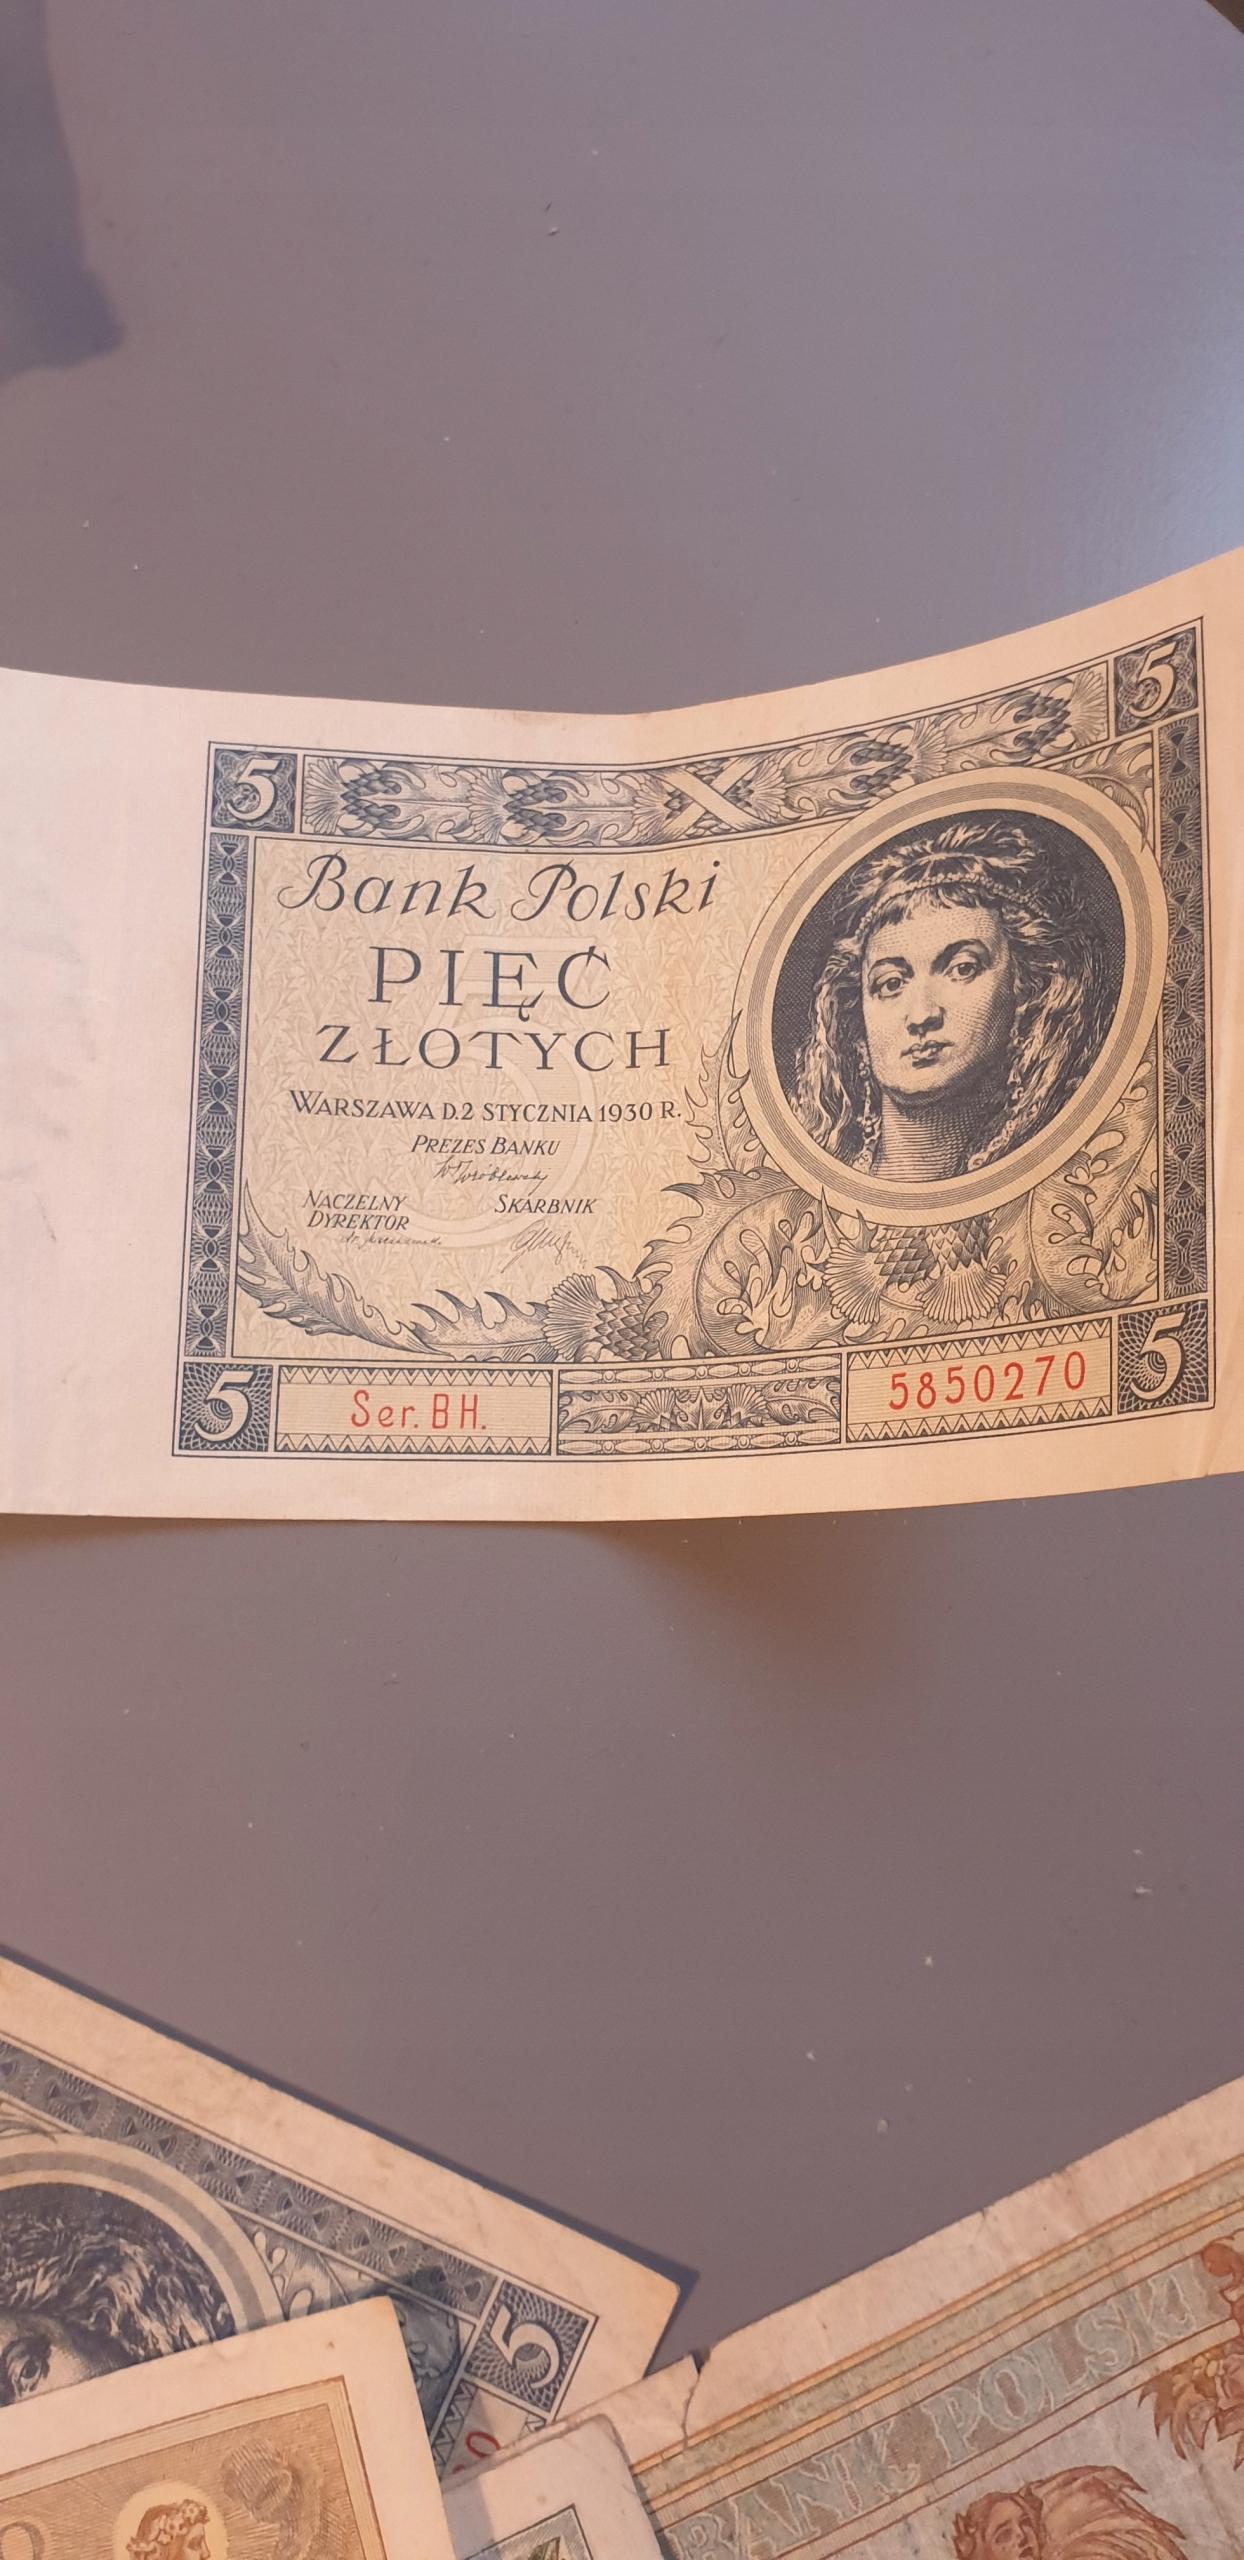 5 zł banknot z 1930 roku seria BH.